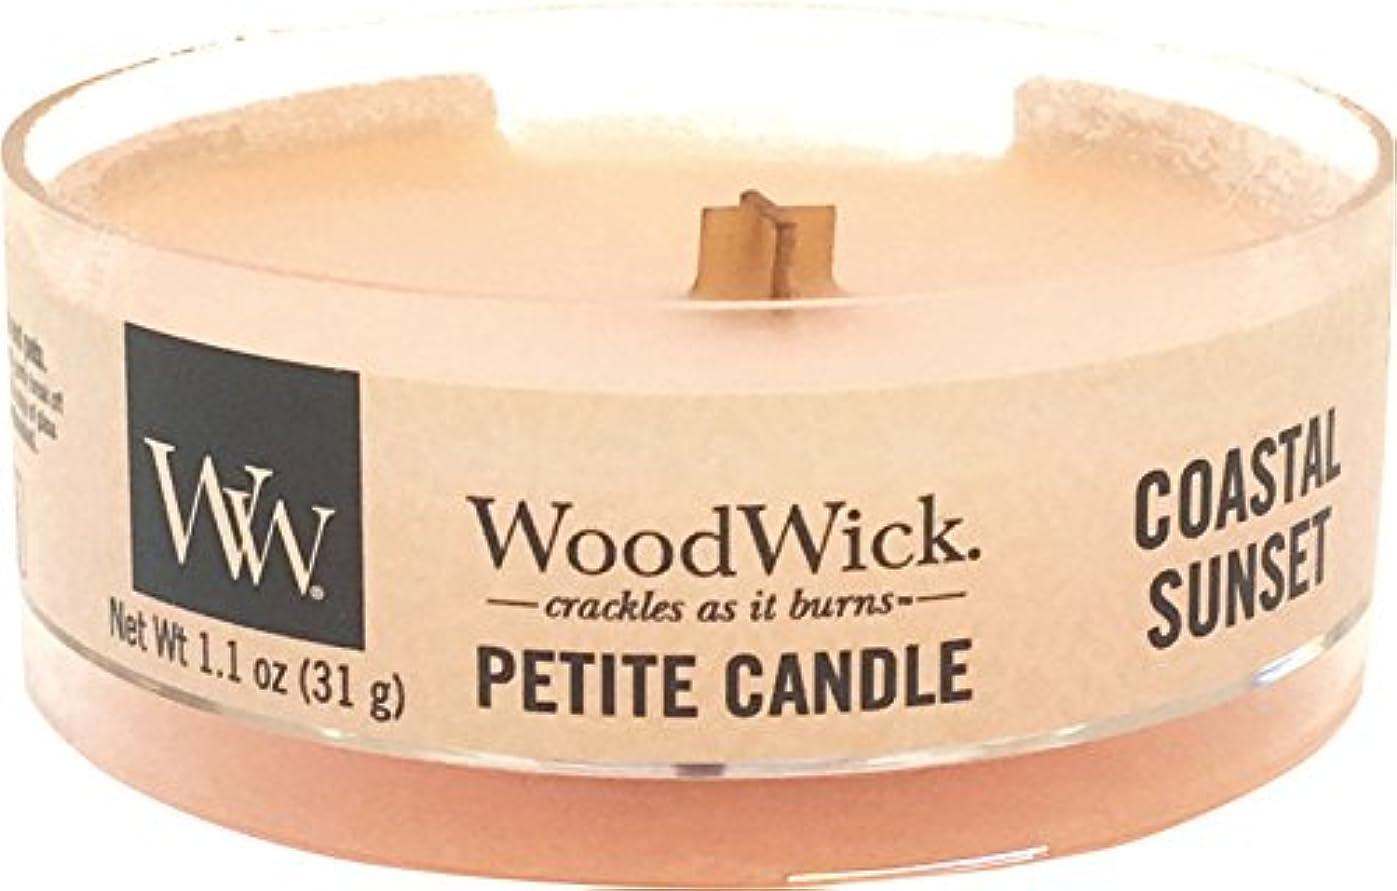 マウスピースプログラム二年生Wood Wick ウッドウィック プチキャンドル コースタルサンセット